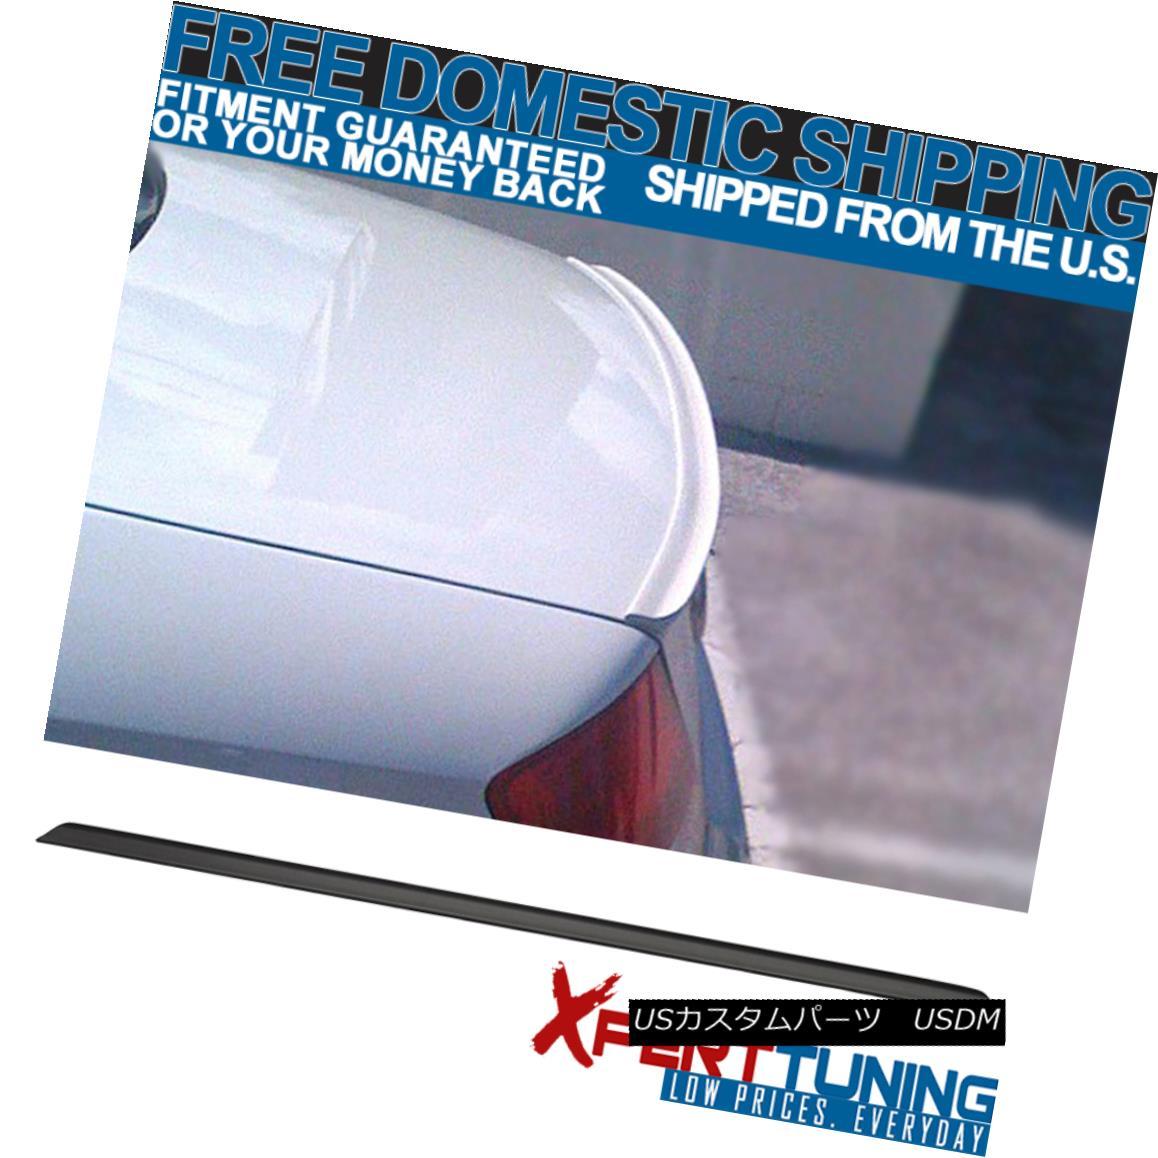 エアロパーツ 02 03 04 05 06 Acura RSX PV Style Unpainted Black Trunk Spoiler Lid Wing - PUF 02 03 04 05 06アキュラRSX PVスタイル未塗装ブラックトランク・スポイラーリッドウイング - PUF